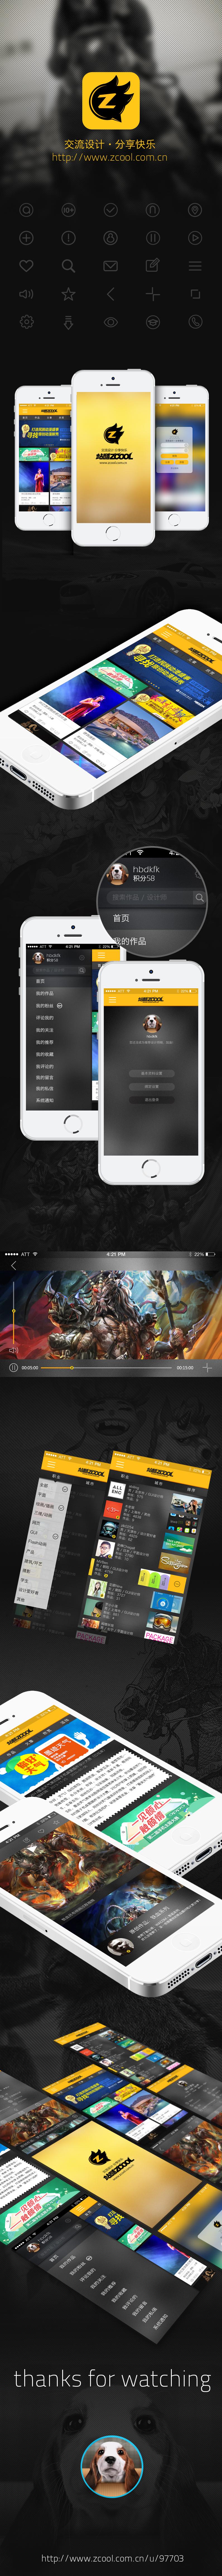 查看《闲来无事,弄个站酷app玩玩》原图,原图尺寸:796x9253